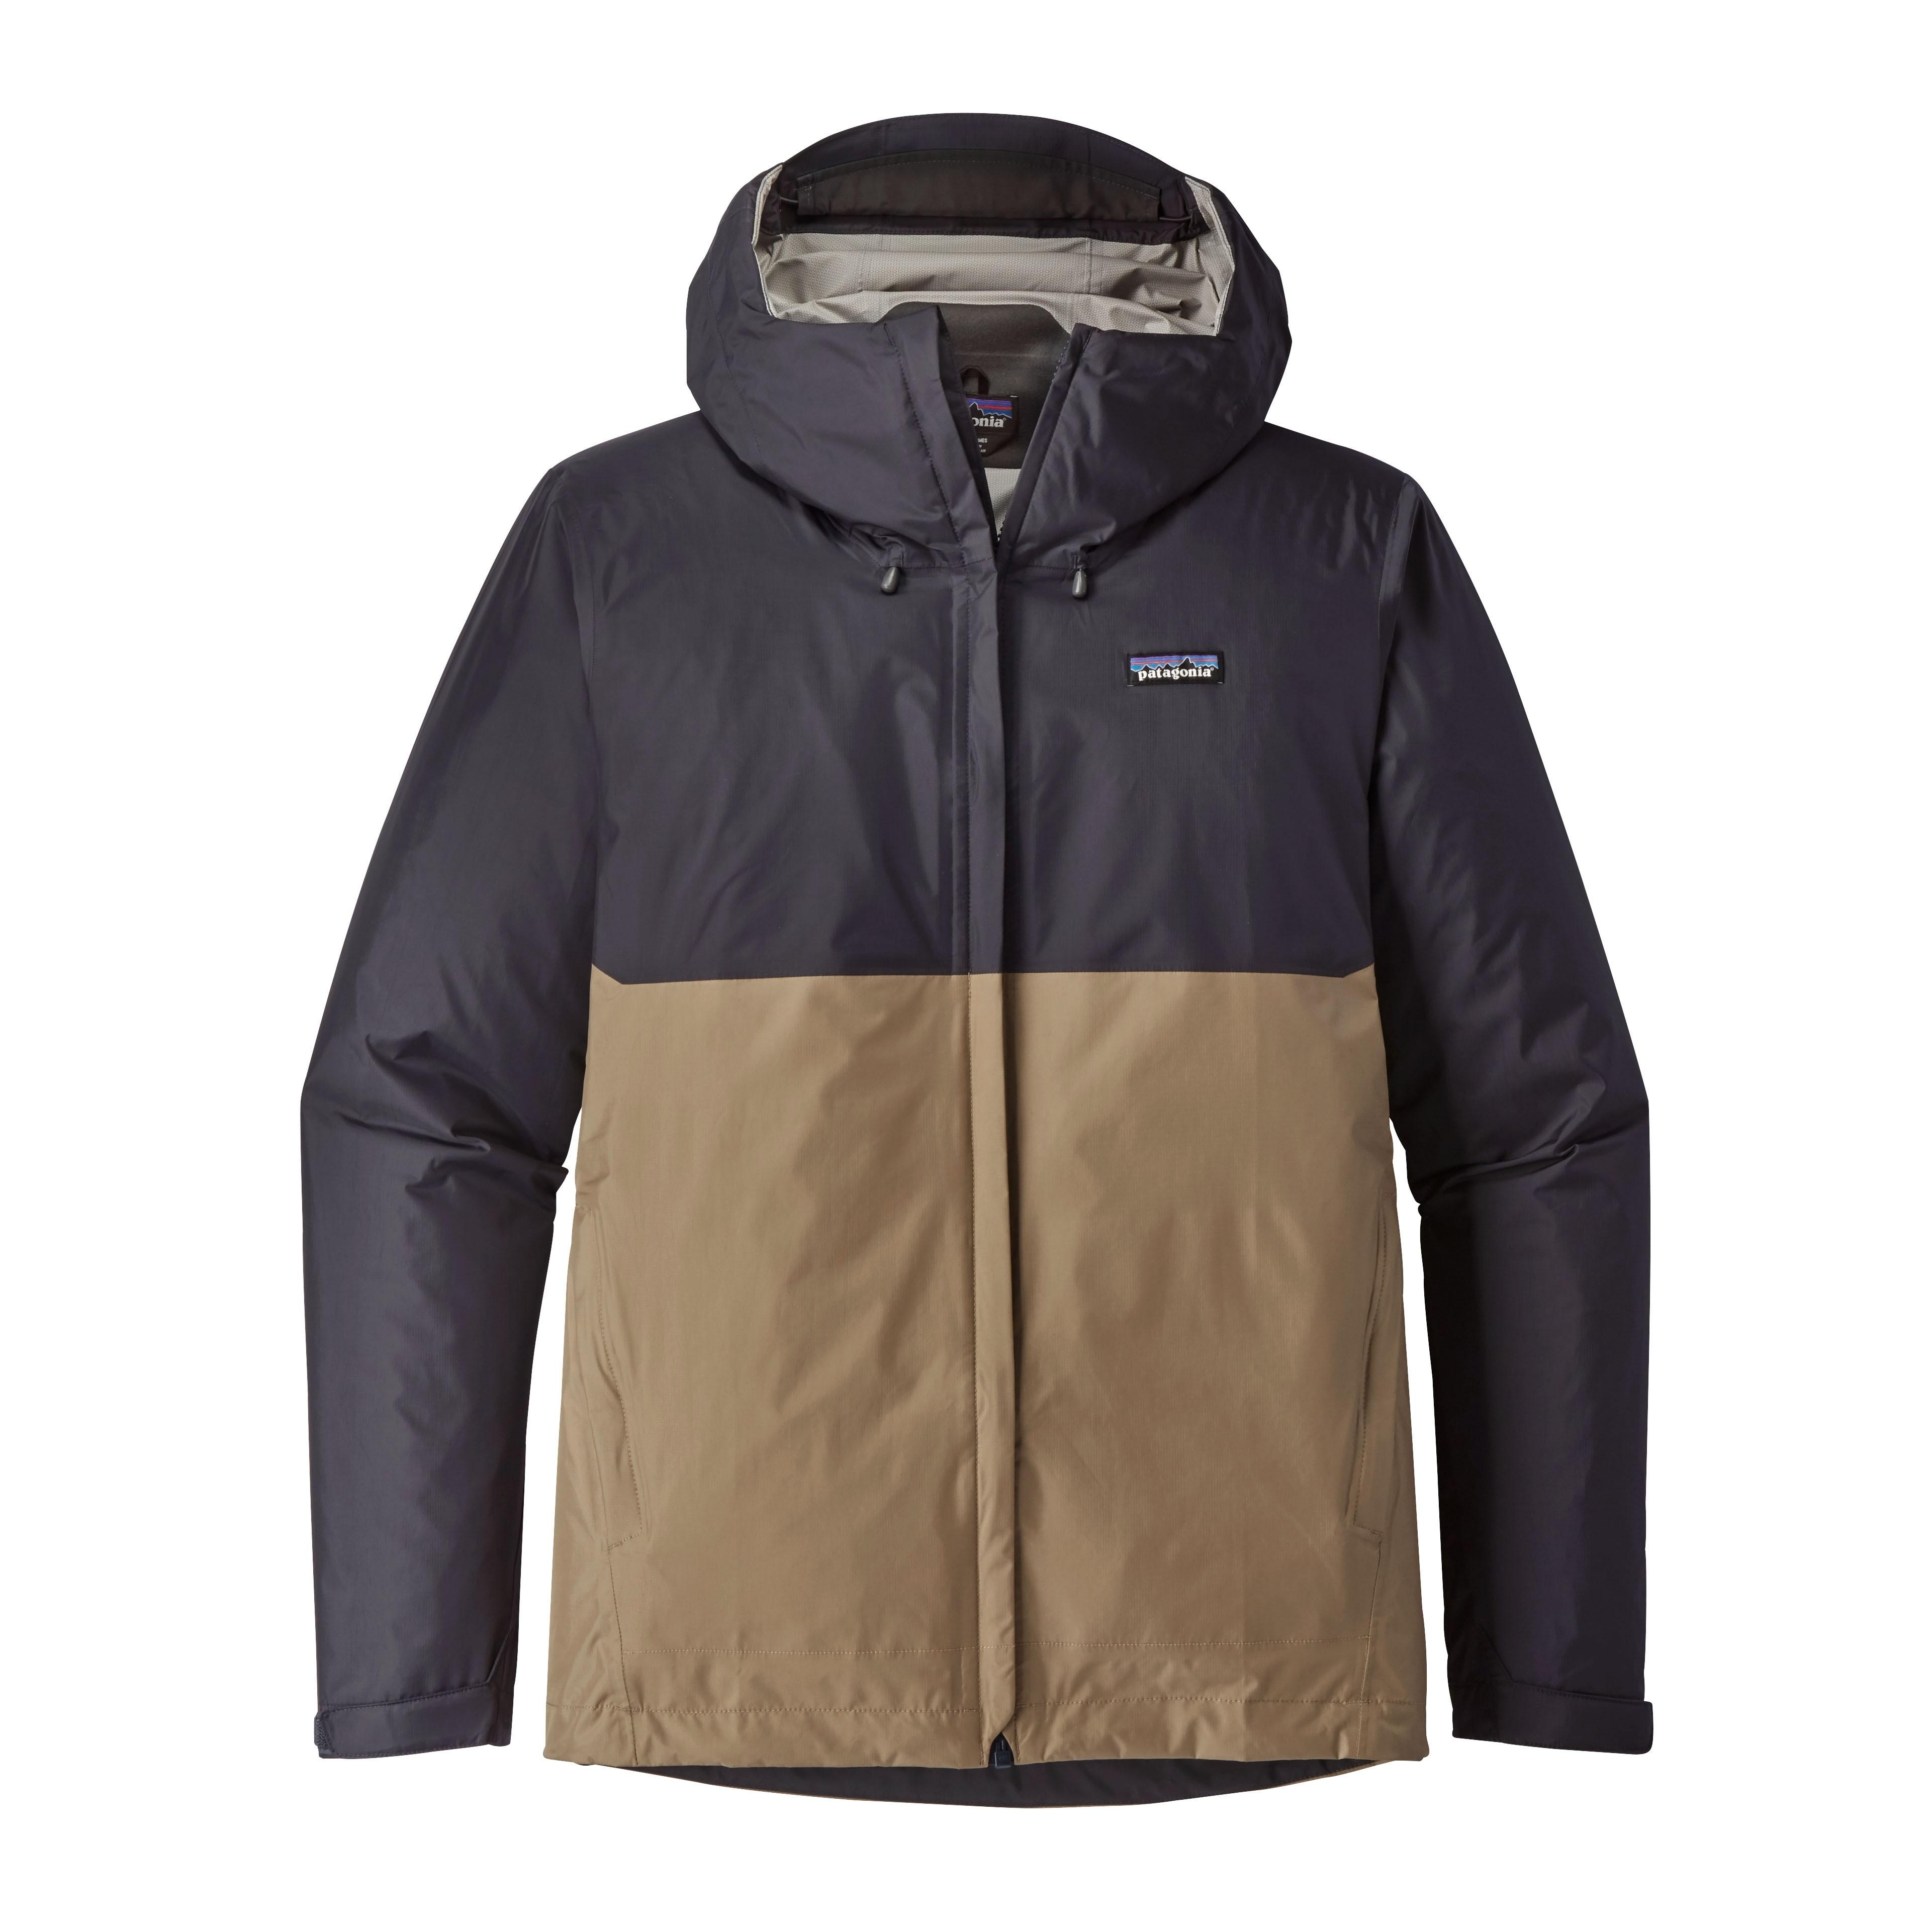 Patagonia Smoulder Blue Torrentshell Jacket